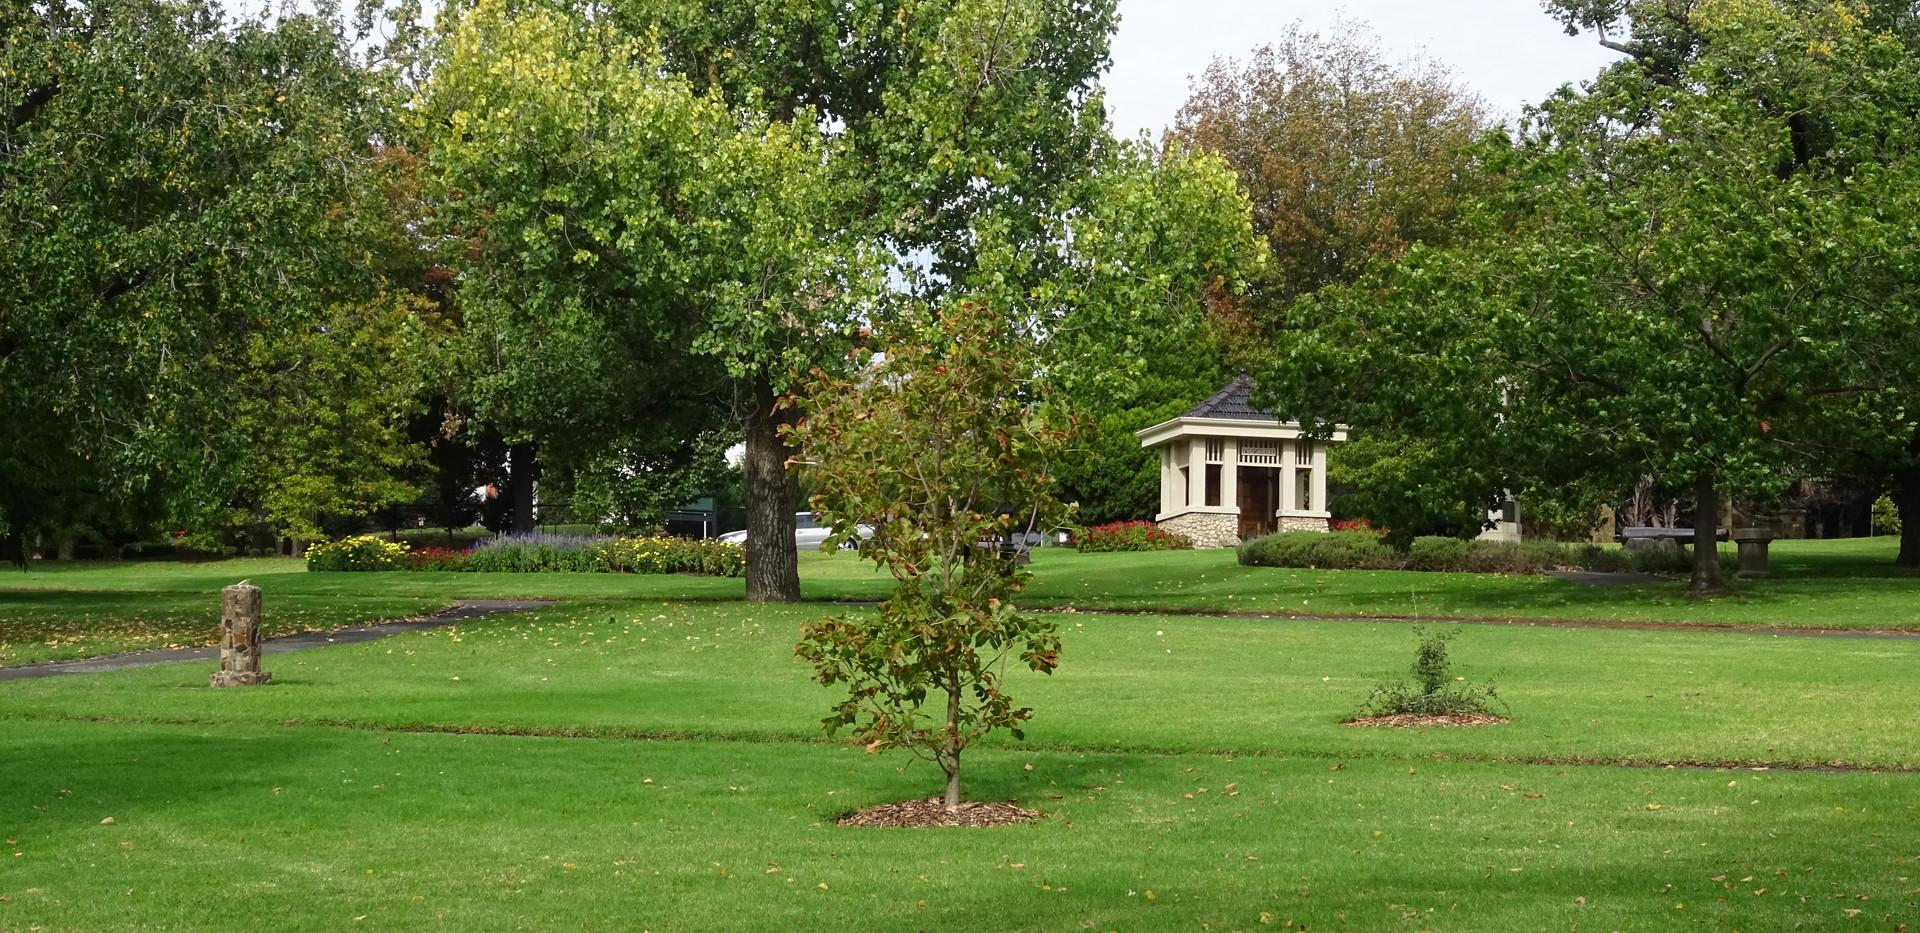 Surrey Gardens and the Shrine